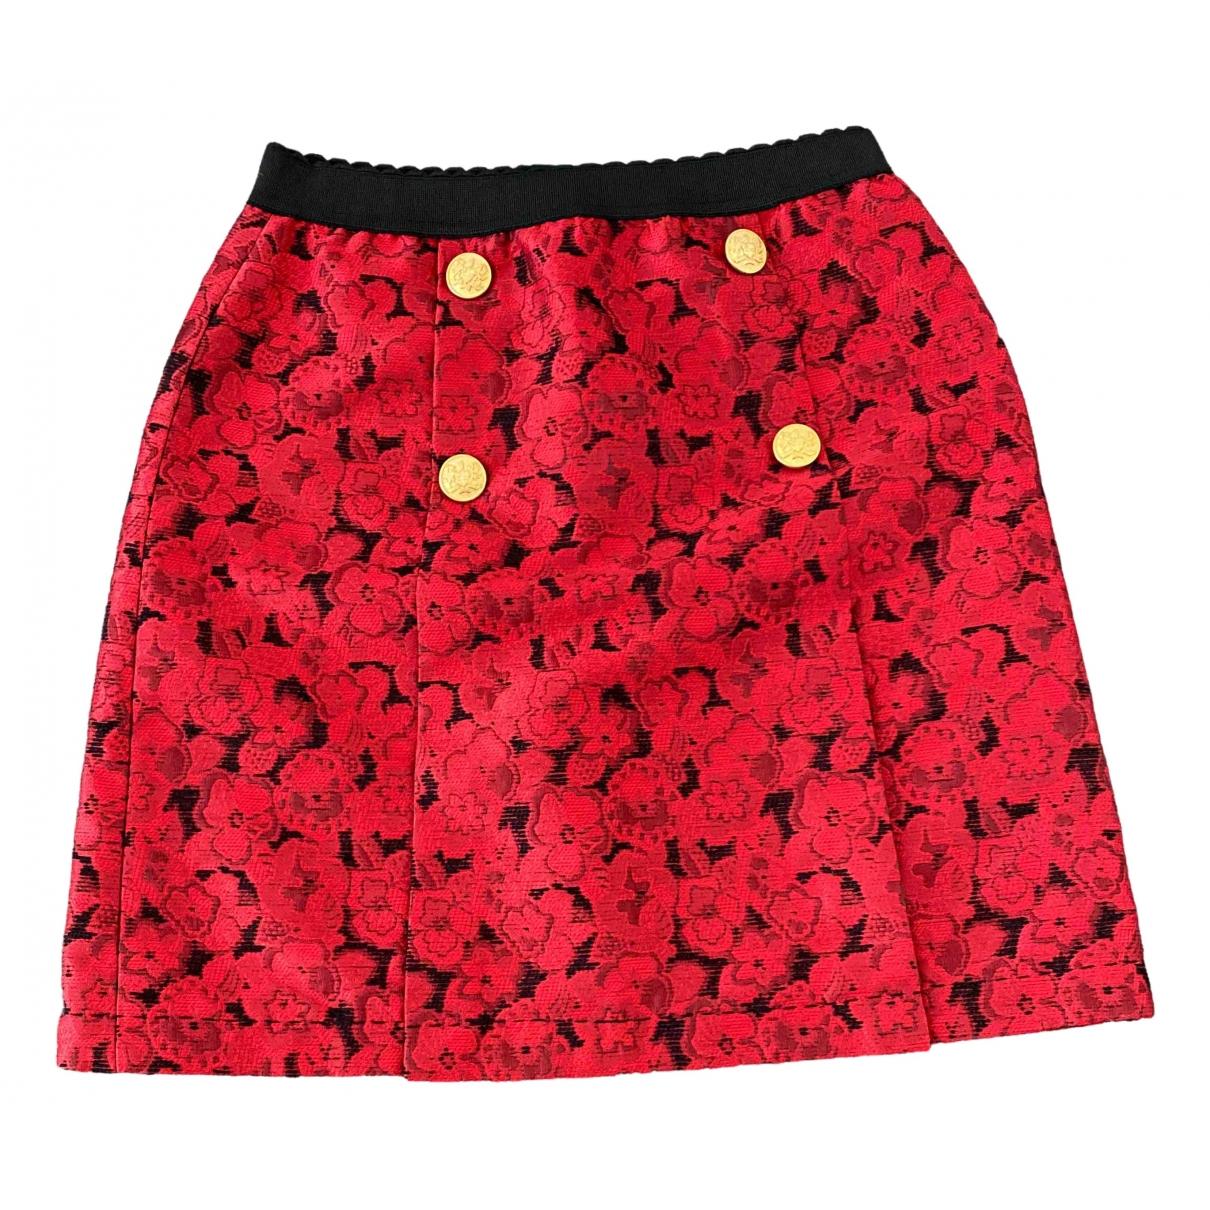 Dolce & Gabbana - Jupe   pour enfant - rouge